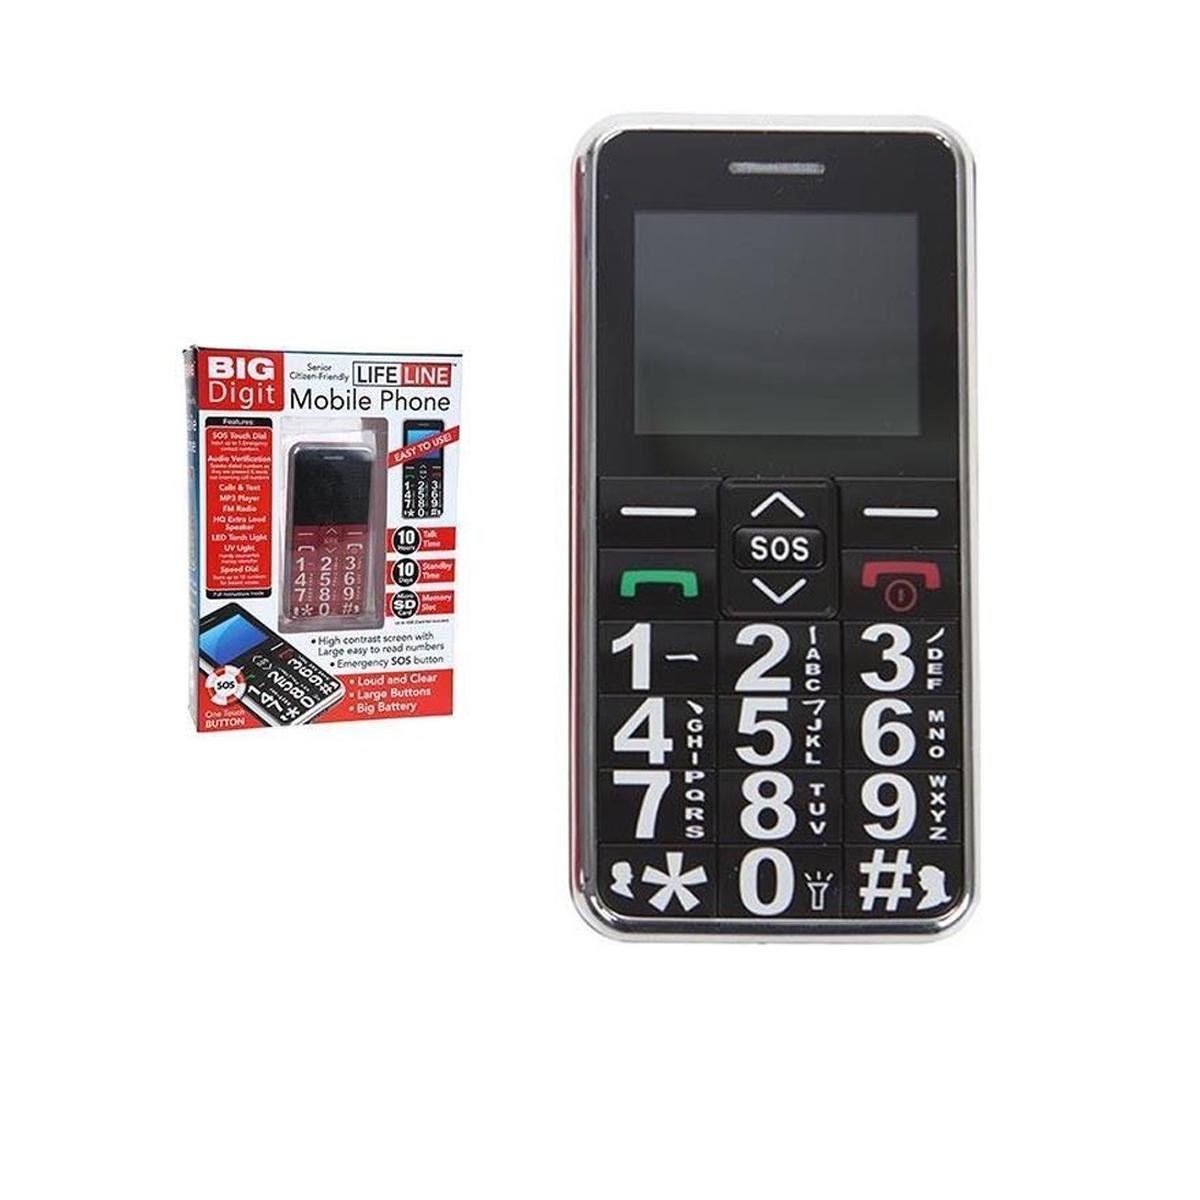 big digit mobile phone large digits sos button unlocked. Black Bedroom Furniture Sets. Home Design Ideas